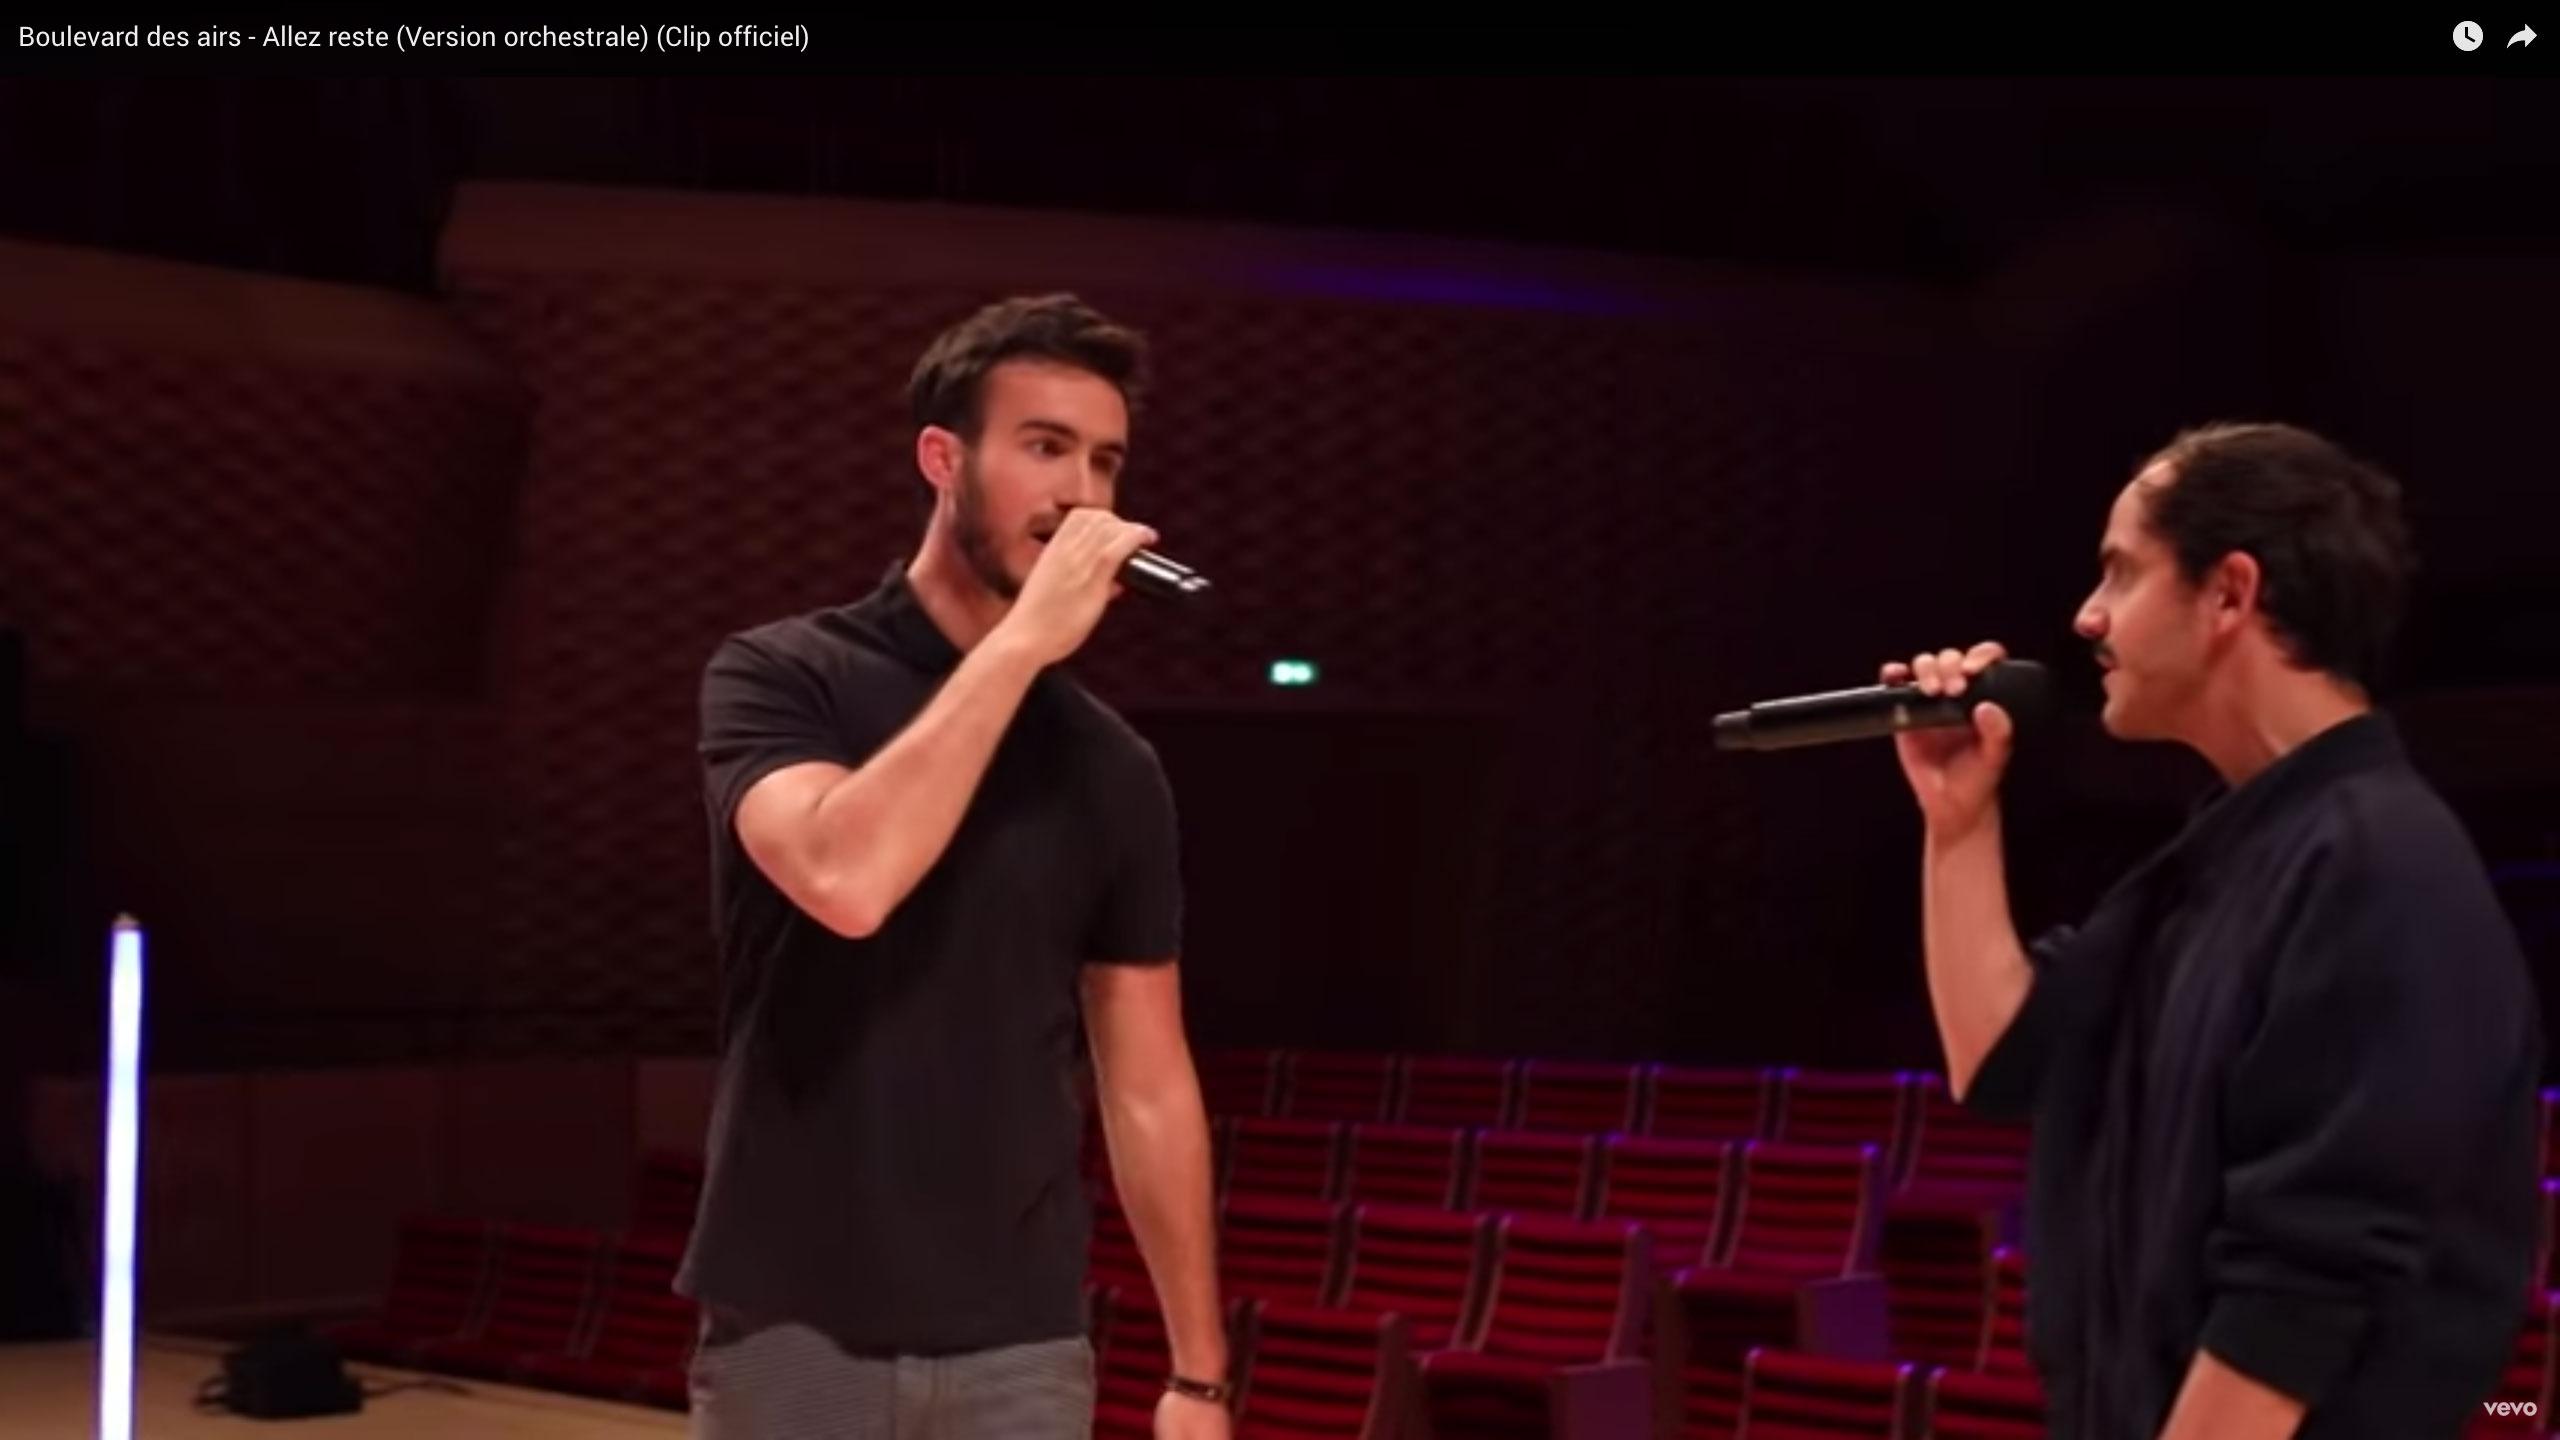 f Allez reste Version orchestrale Paul Rouger Images Benoit Mallory Boulevard des Airs